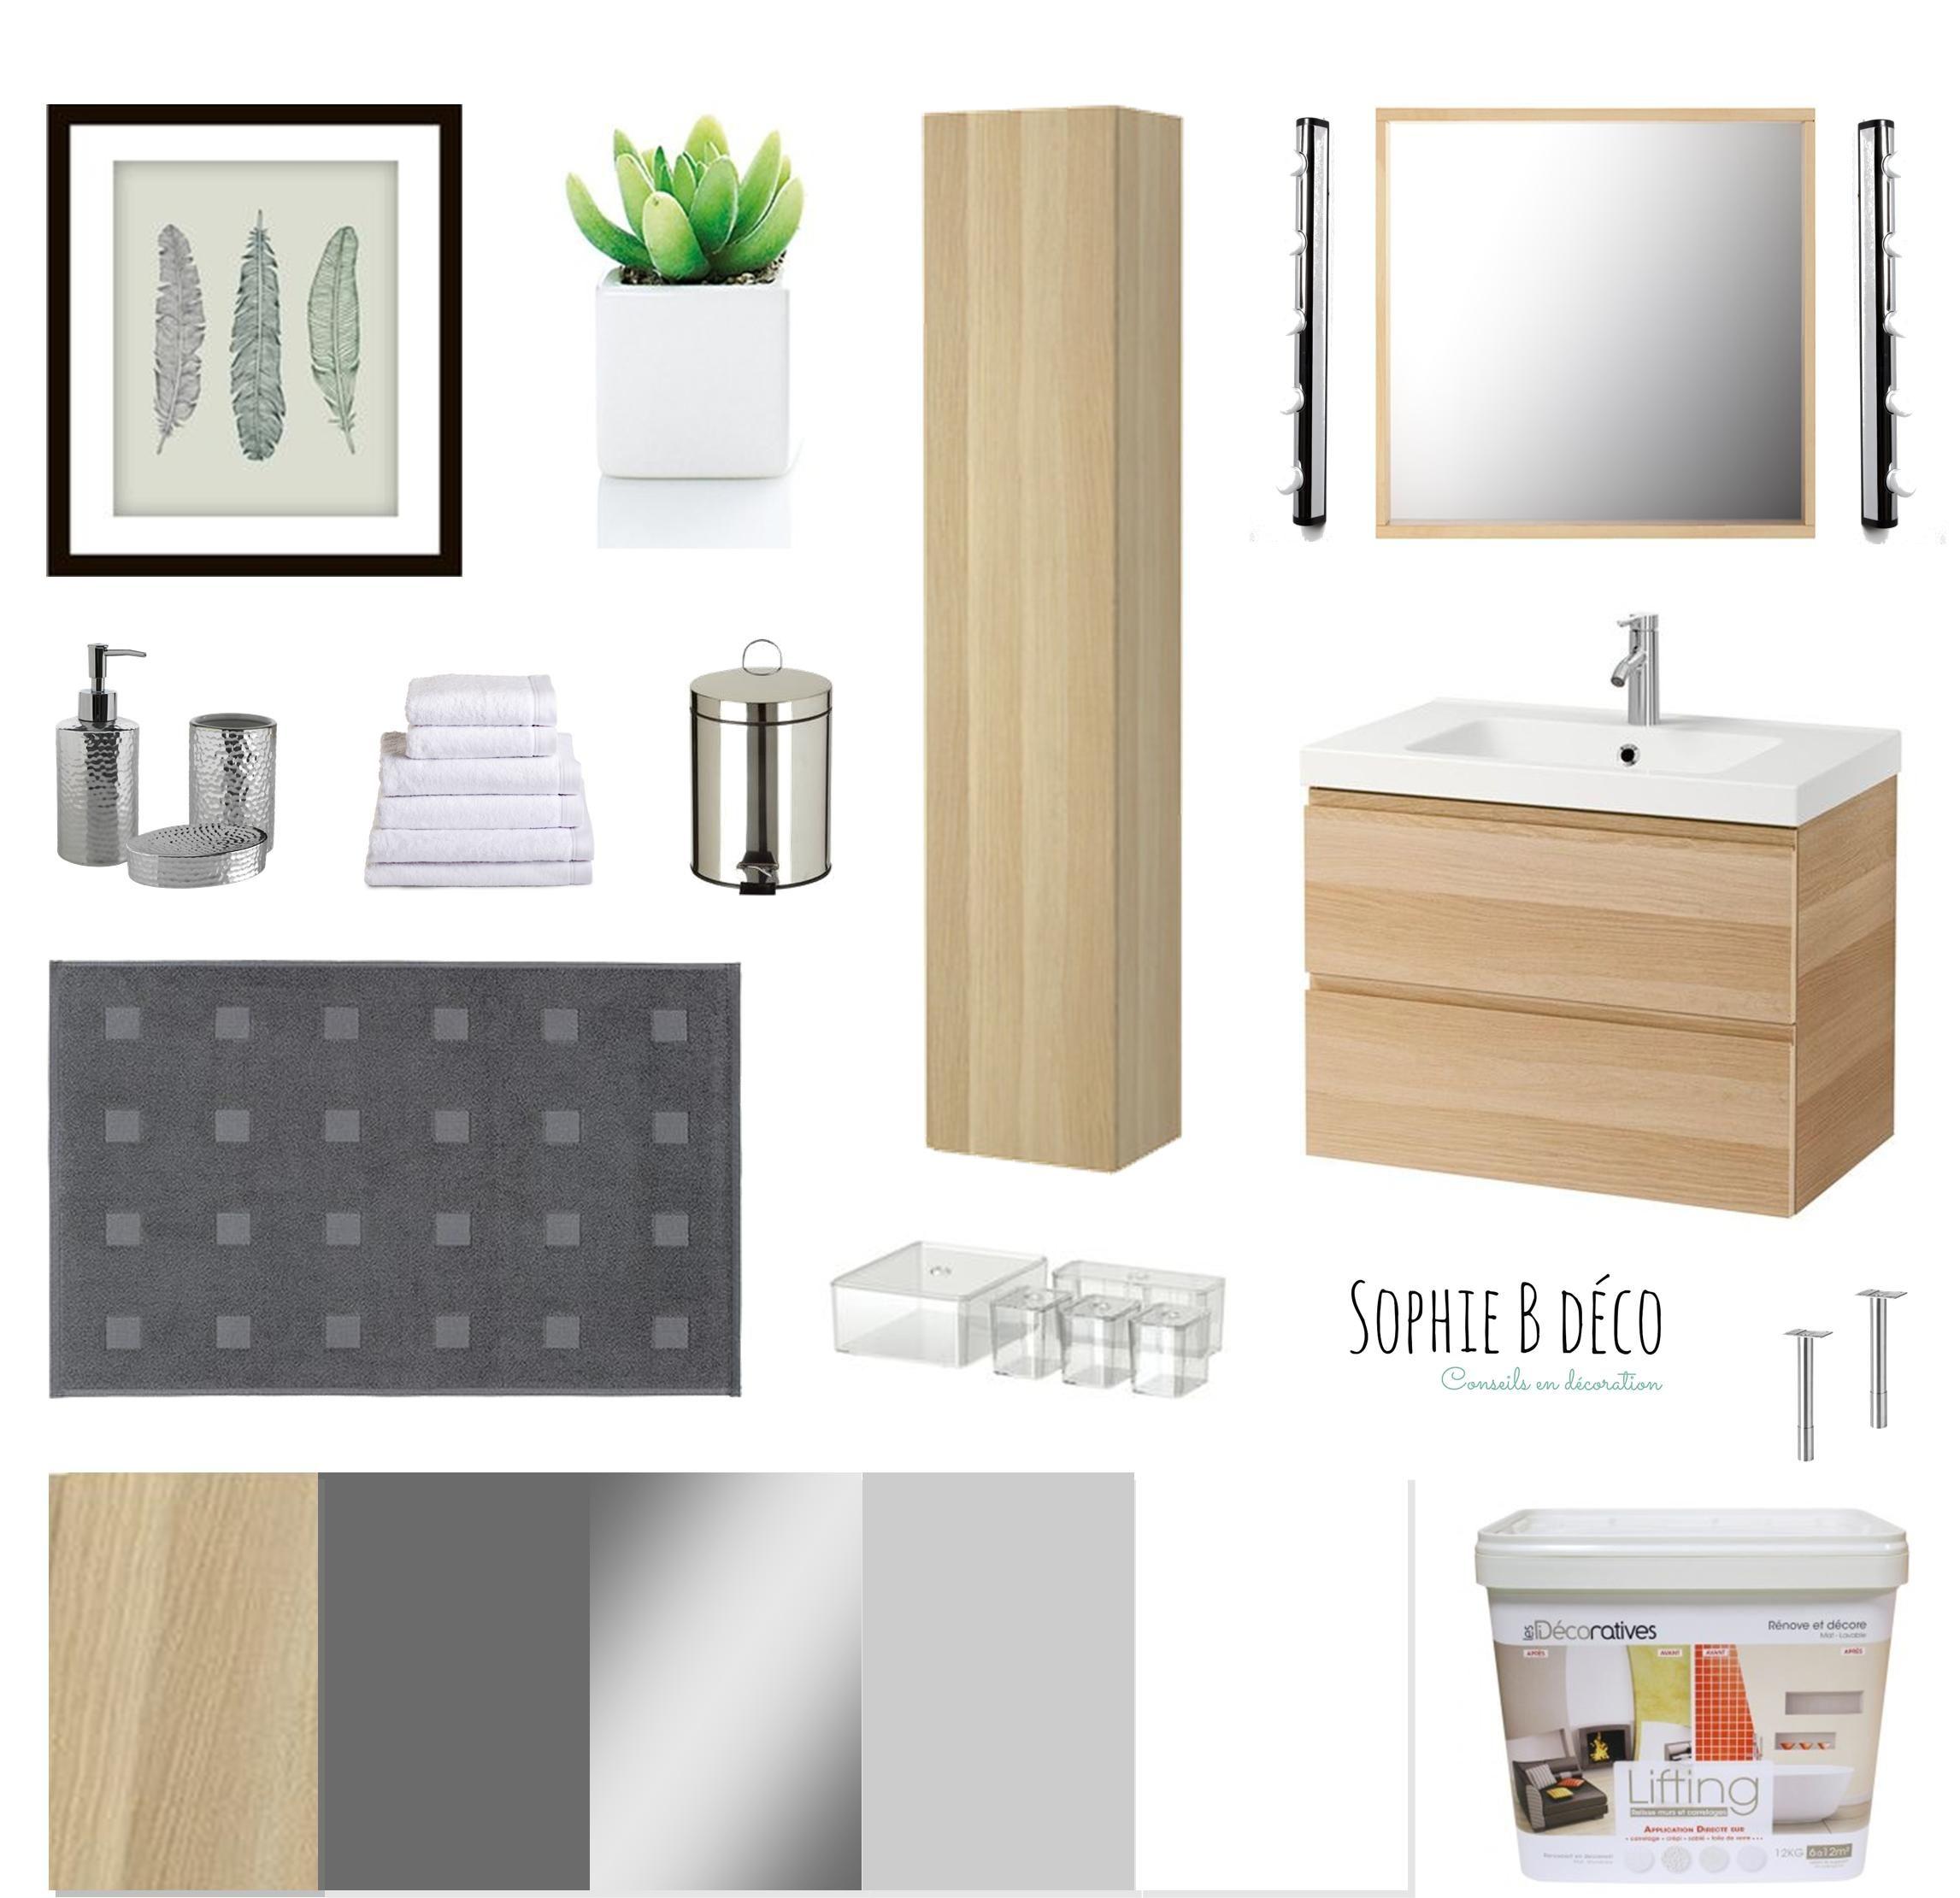 Planche Shopping Rénovation Salle De Bain Bois Gris Blanc - Renovation salle de bain leroy merlin